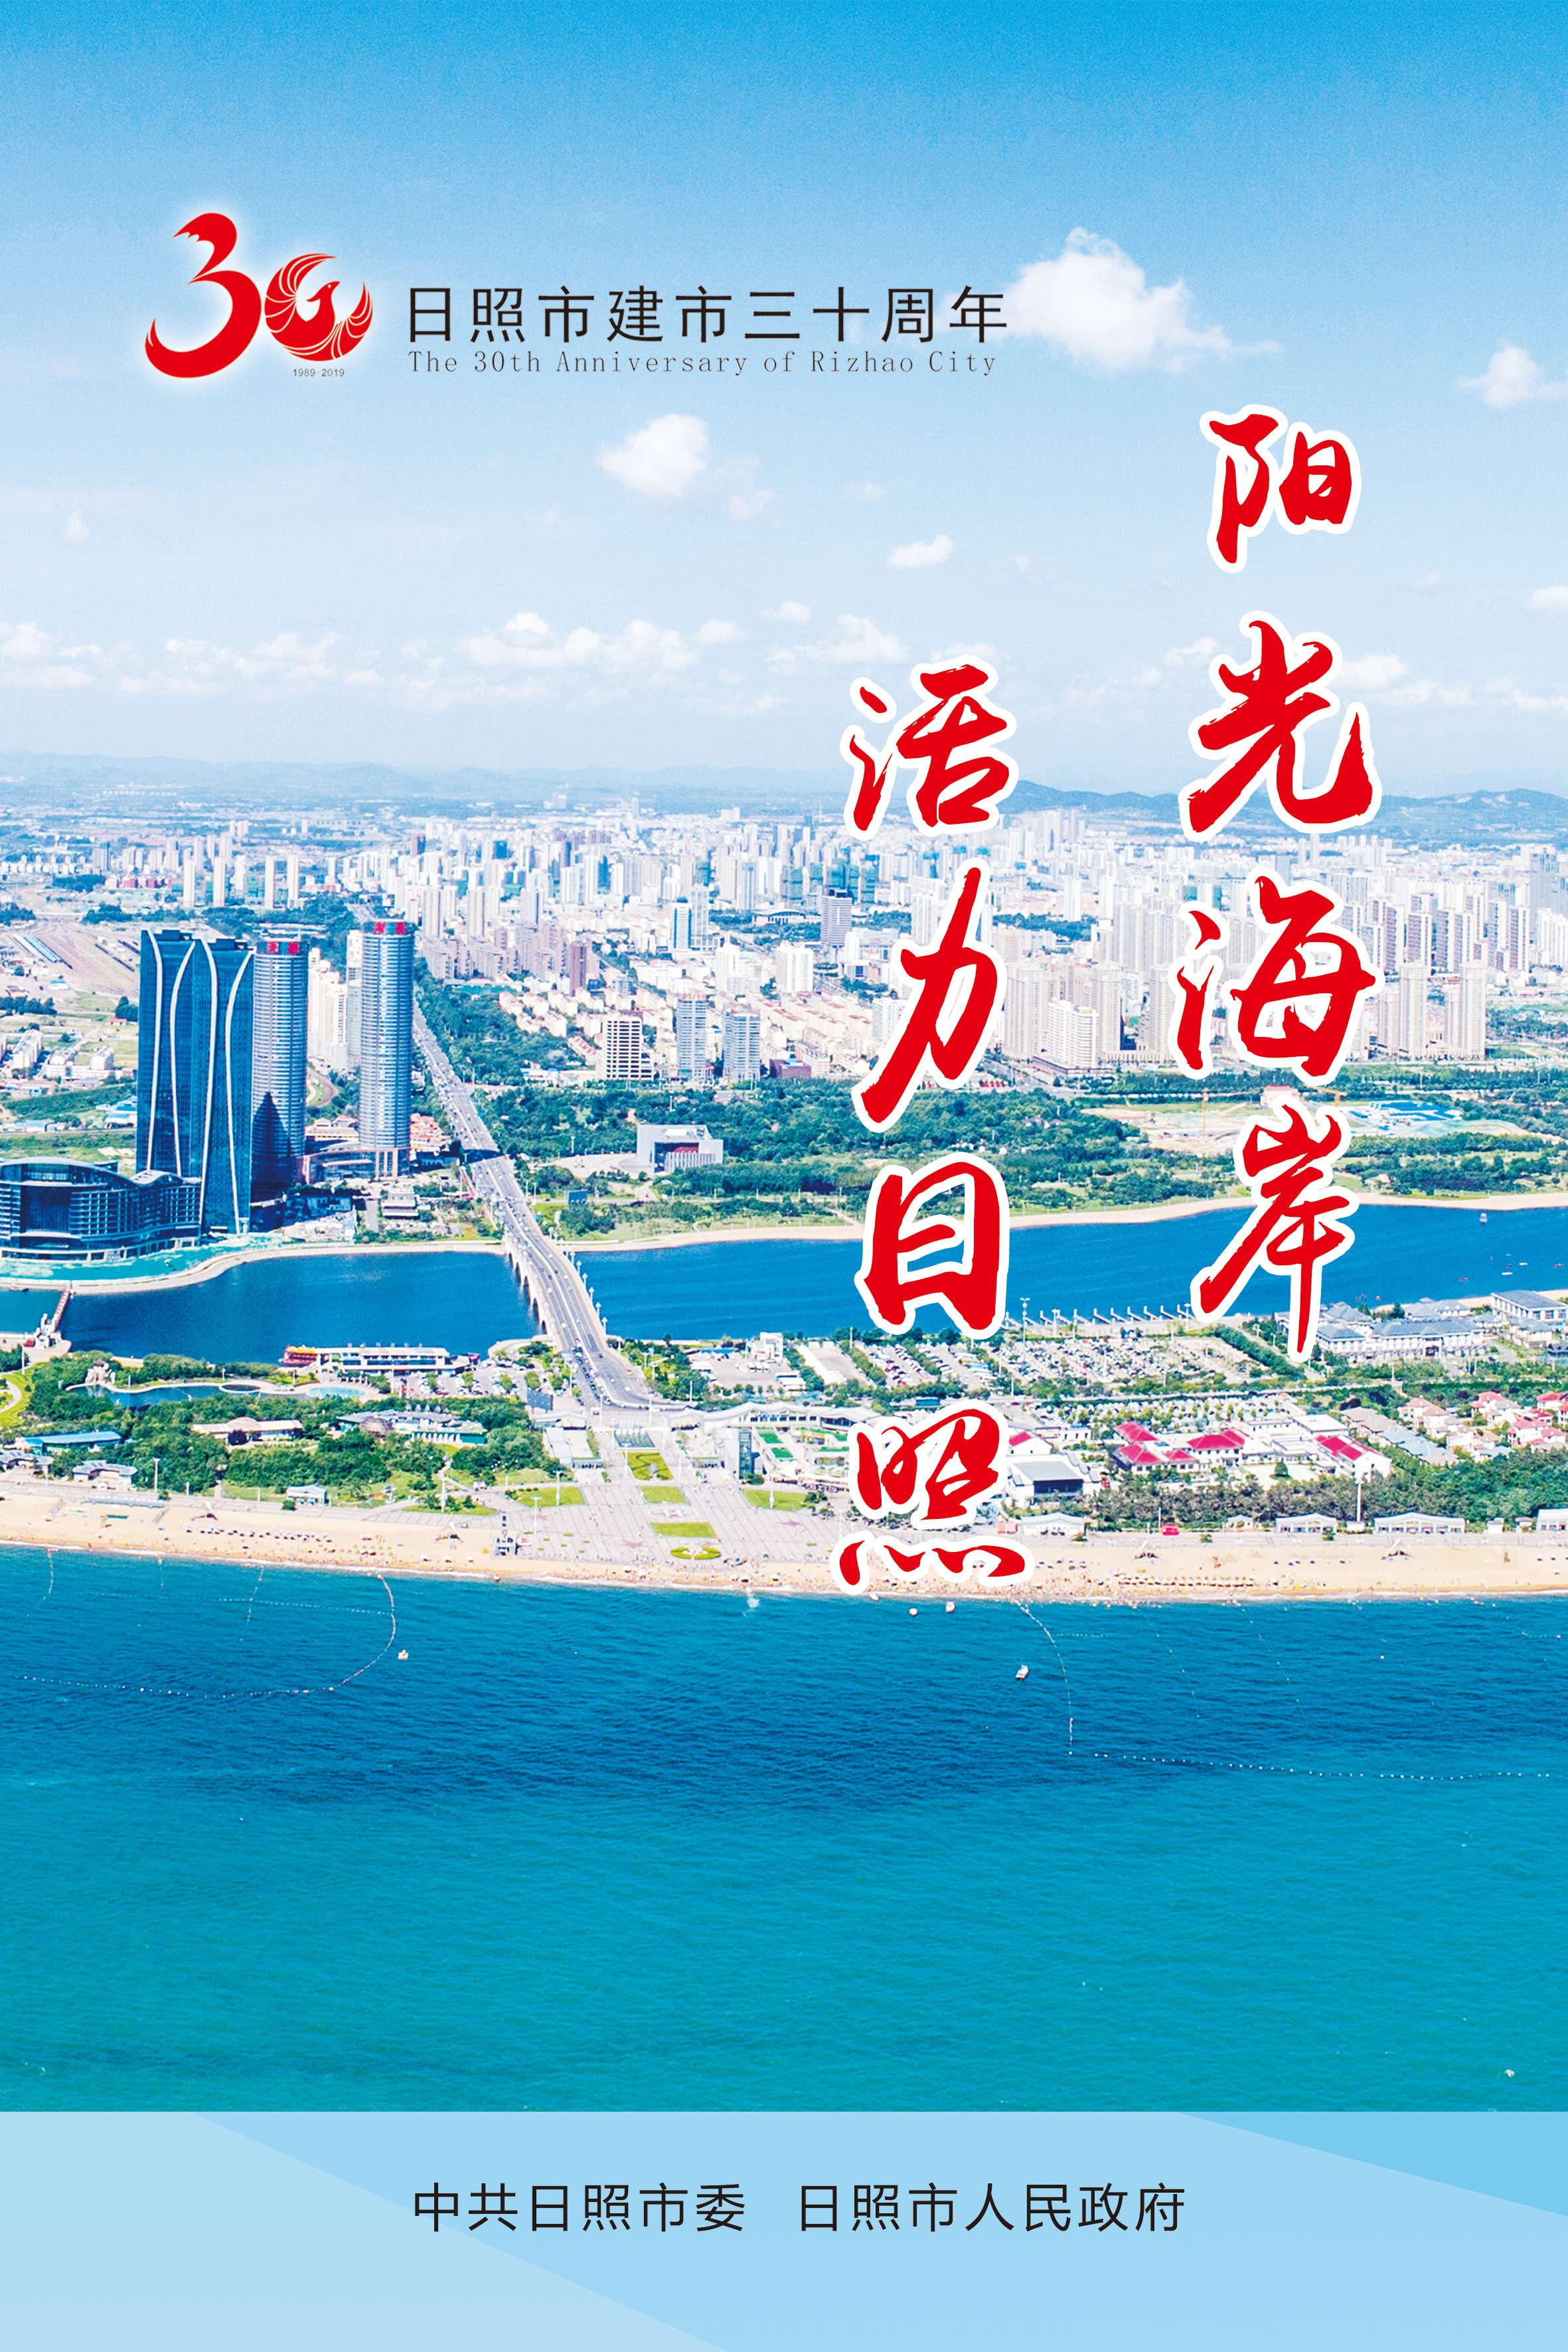 日照市建市30周年宣傳畫豎幅之三_看圖王.jpg